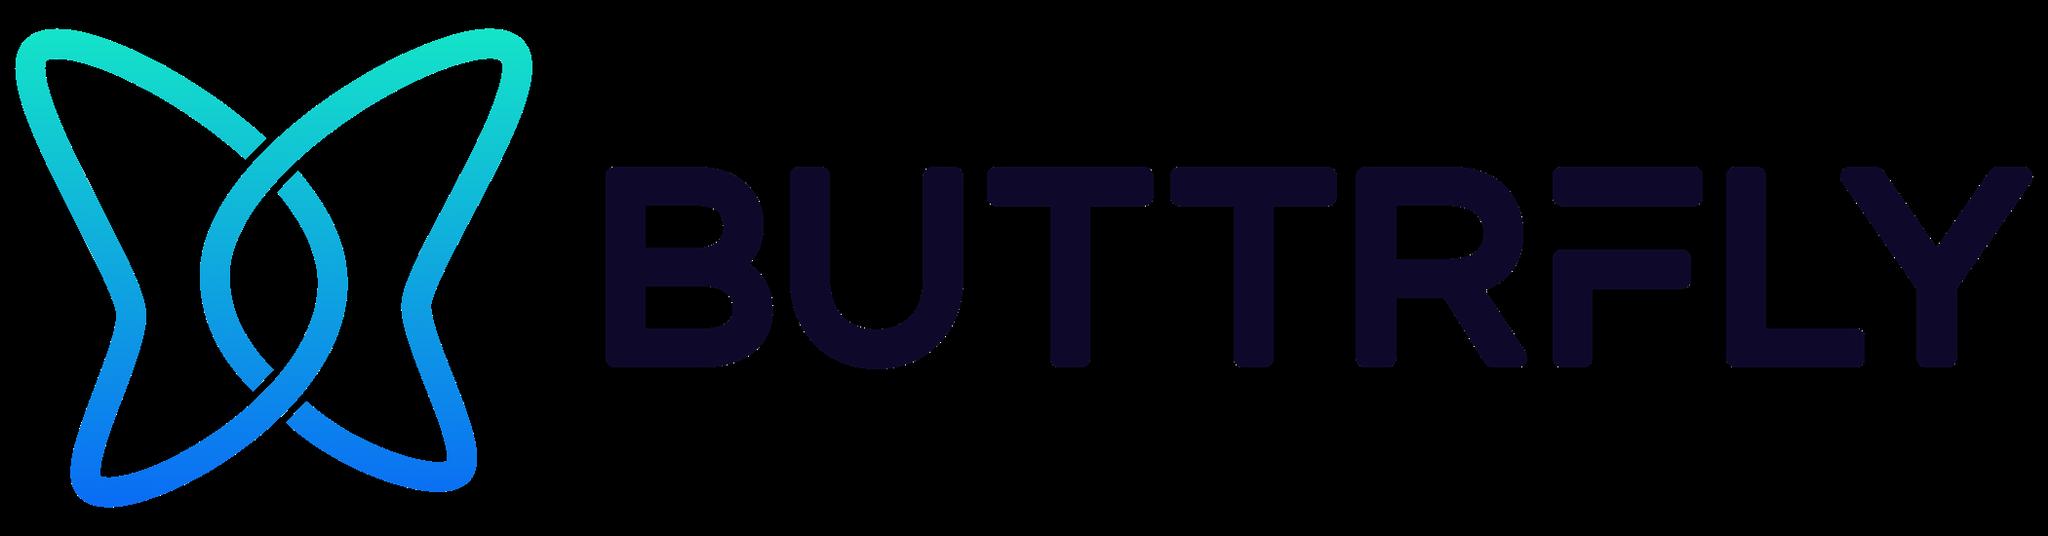 buttrfly.net